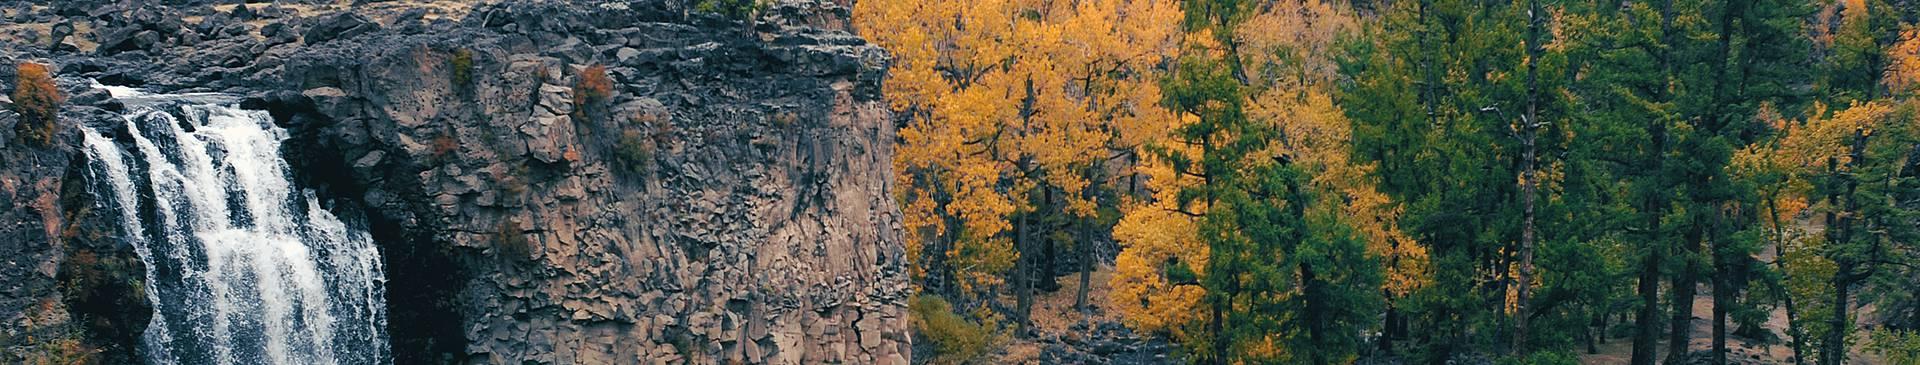 Viaggi in Mongolia in autunno